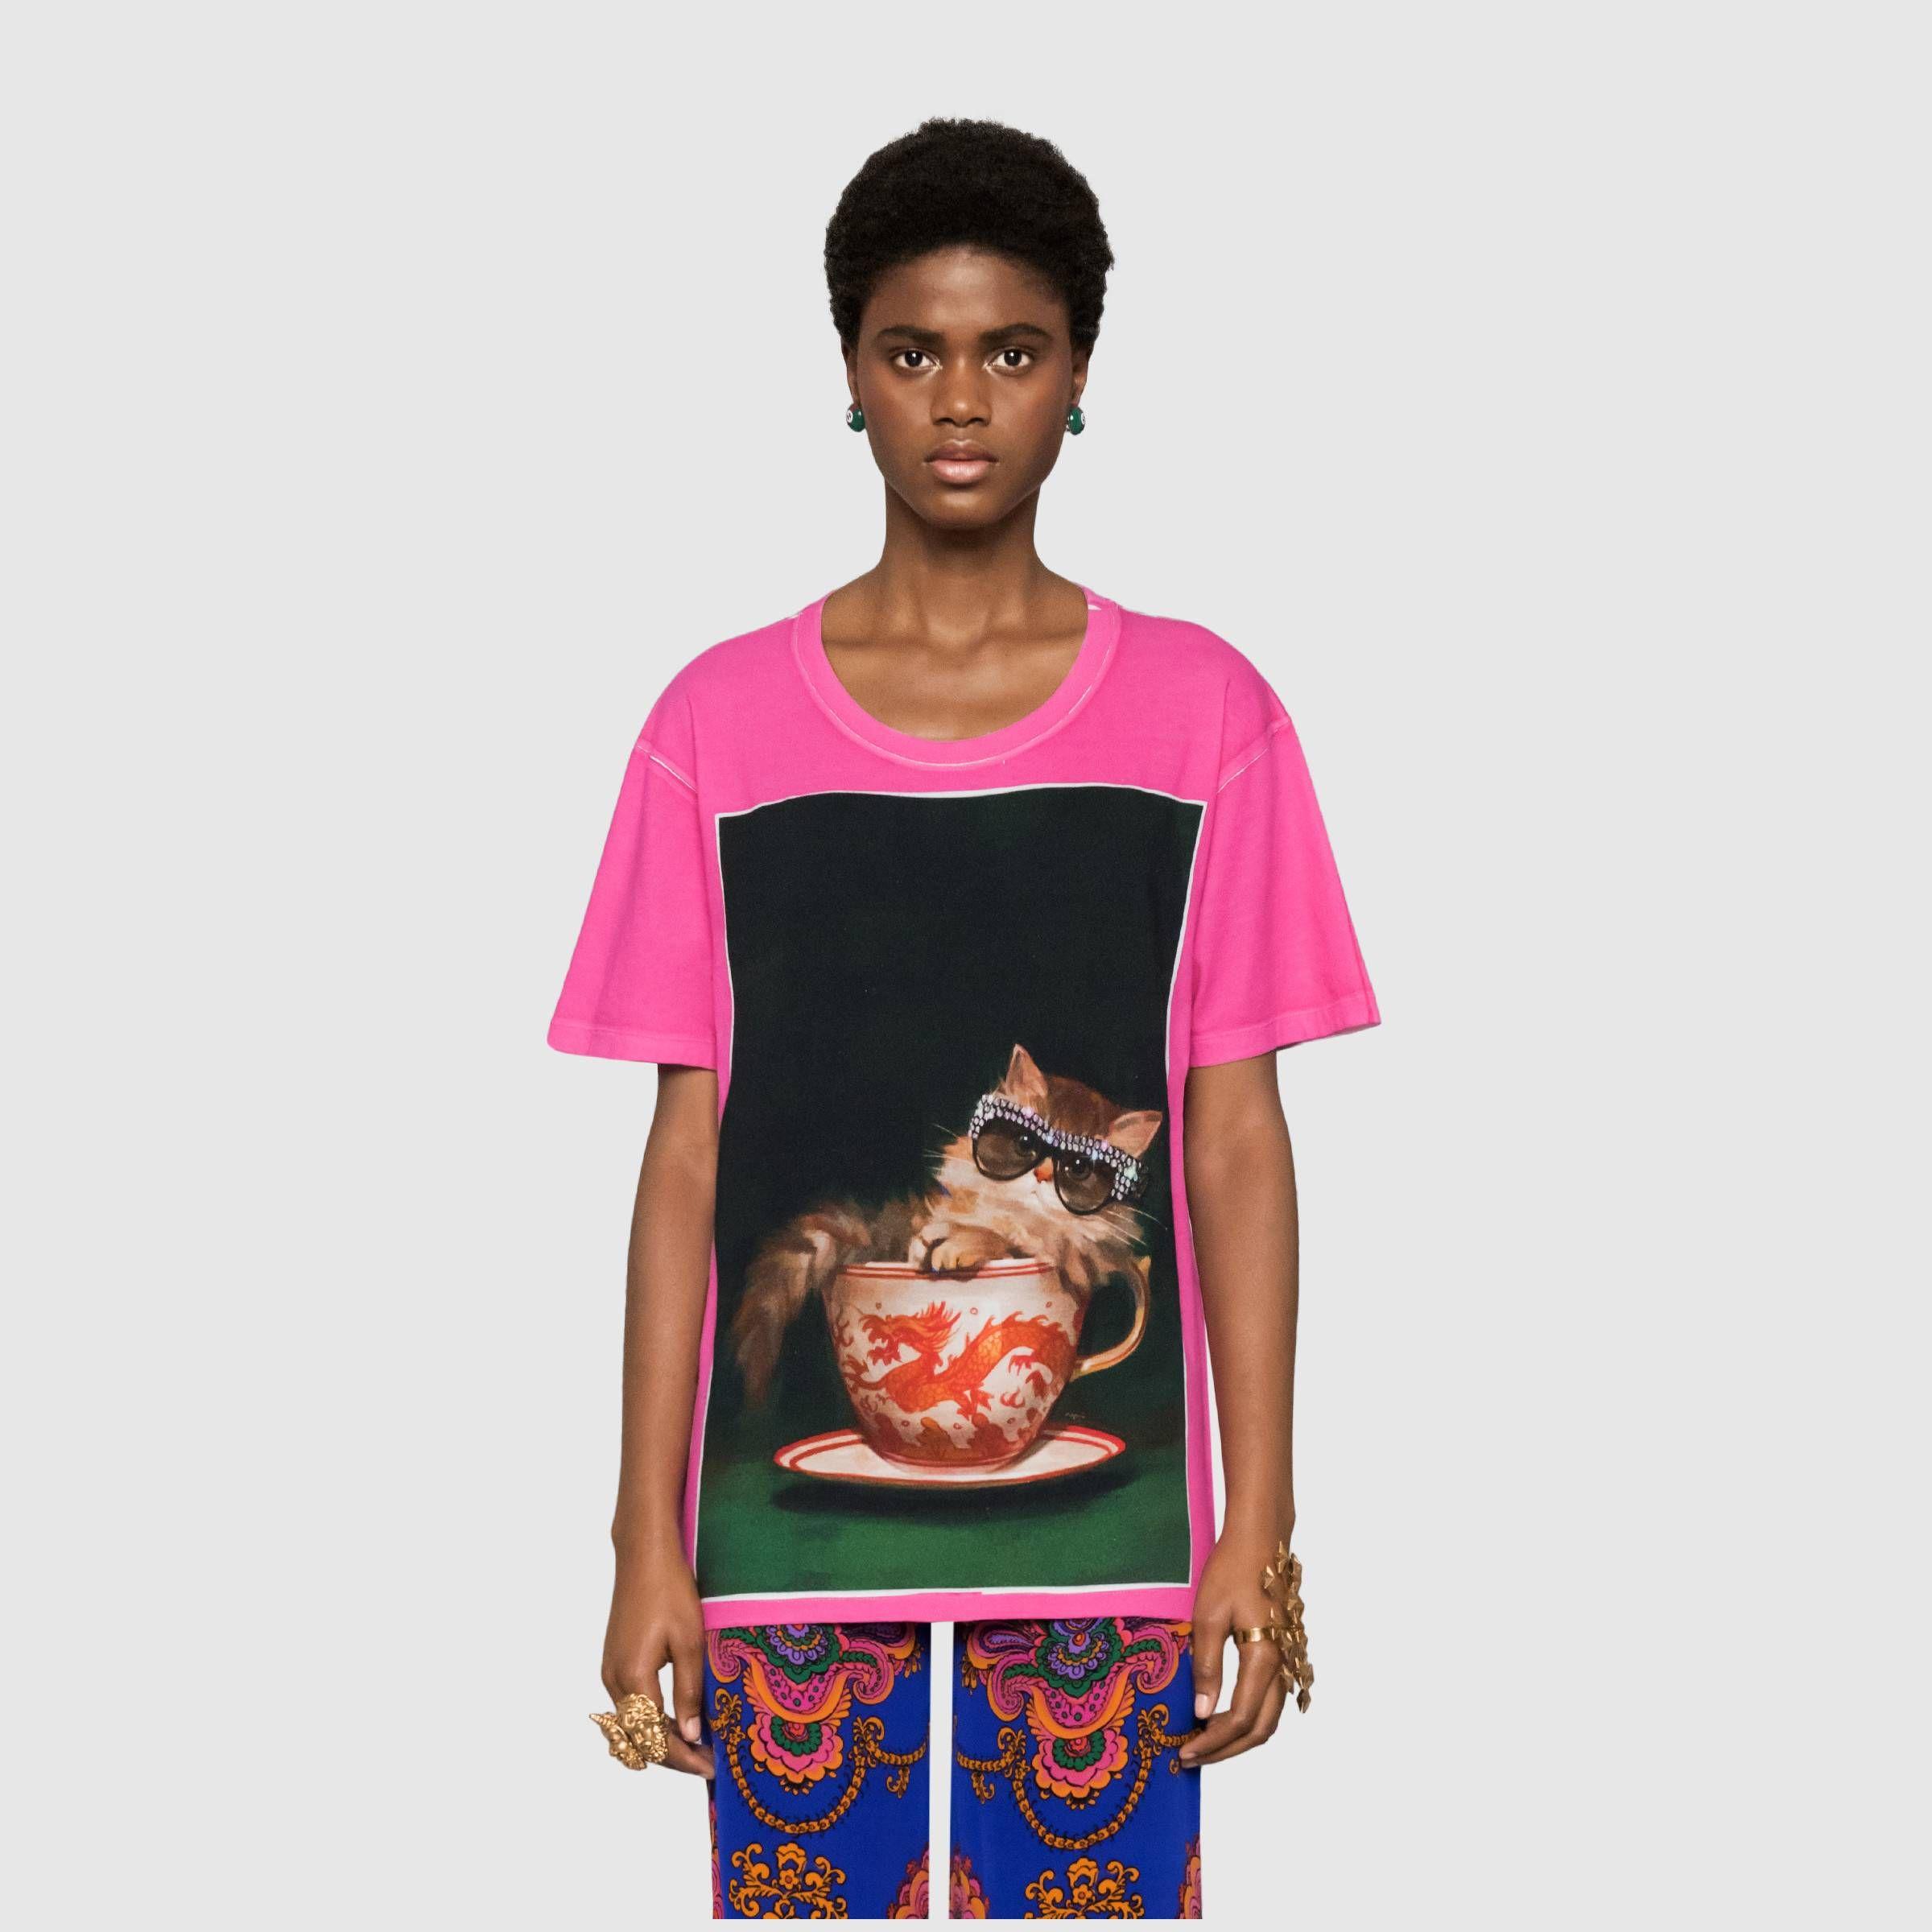 Gucci Ignasi Monreal Print T Shirt Popular Fashion Trending